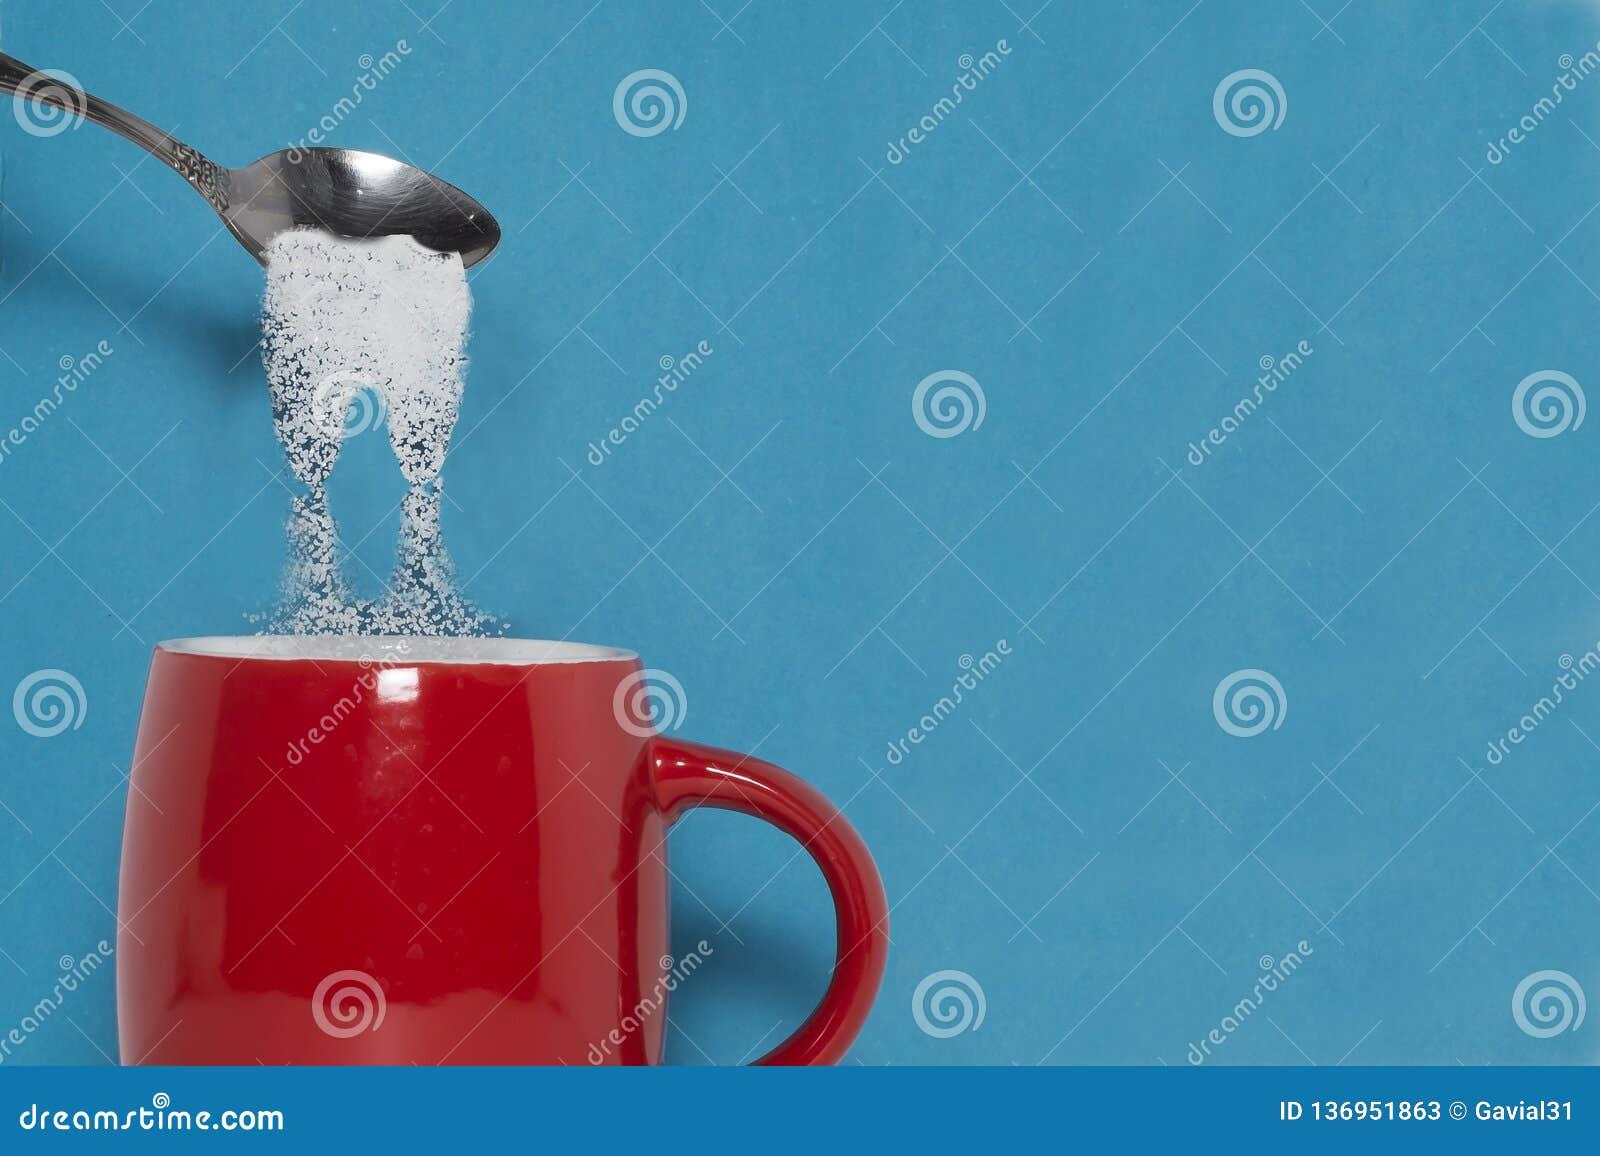 La cucharilla pone el azúcar en una taza El concepto de los peligros del consumo excesivo de azúcar